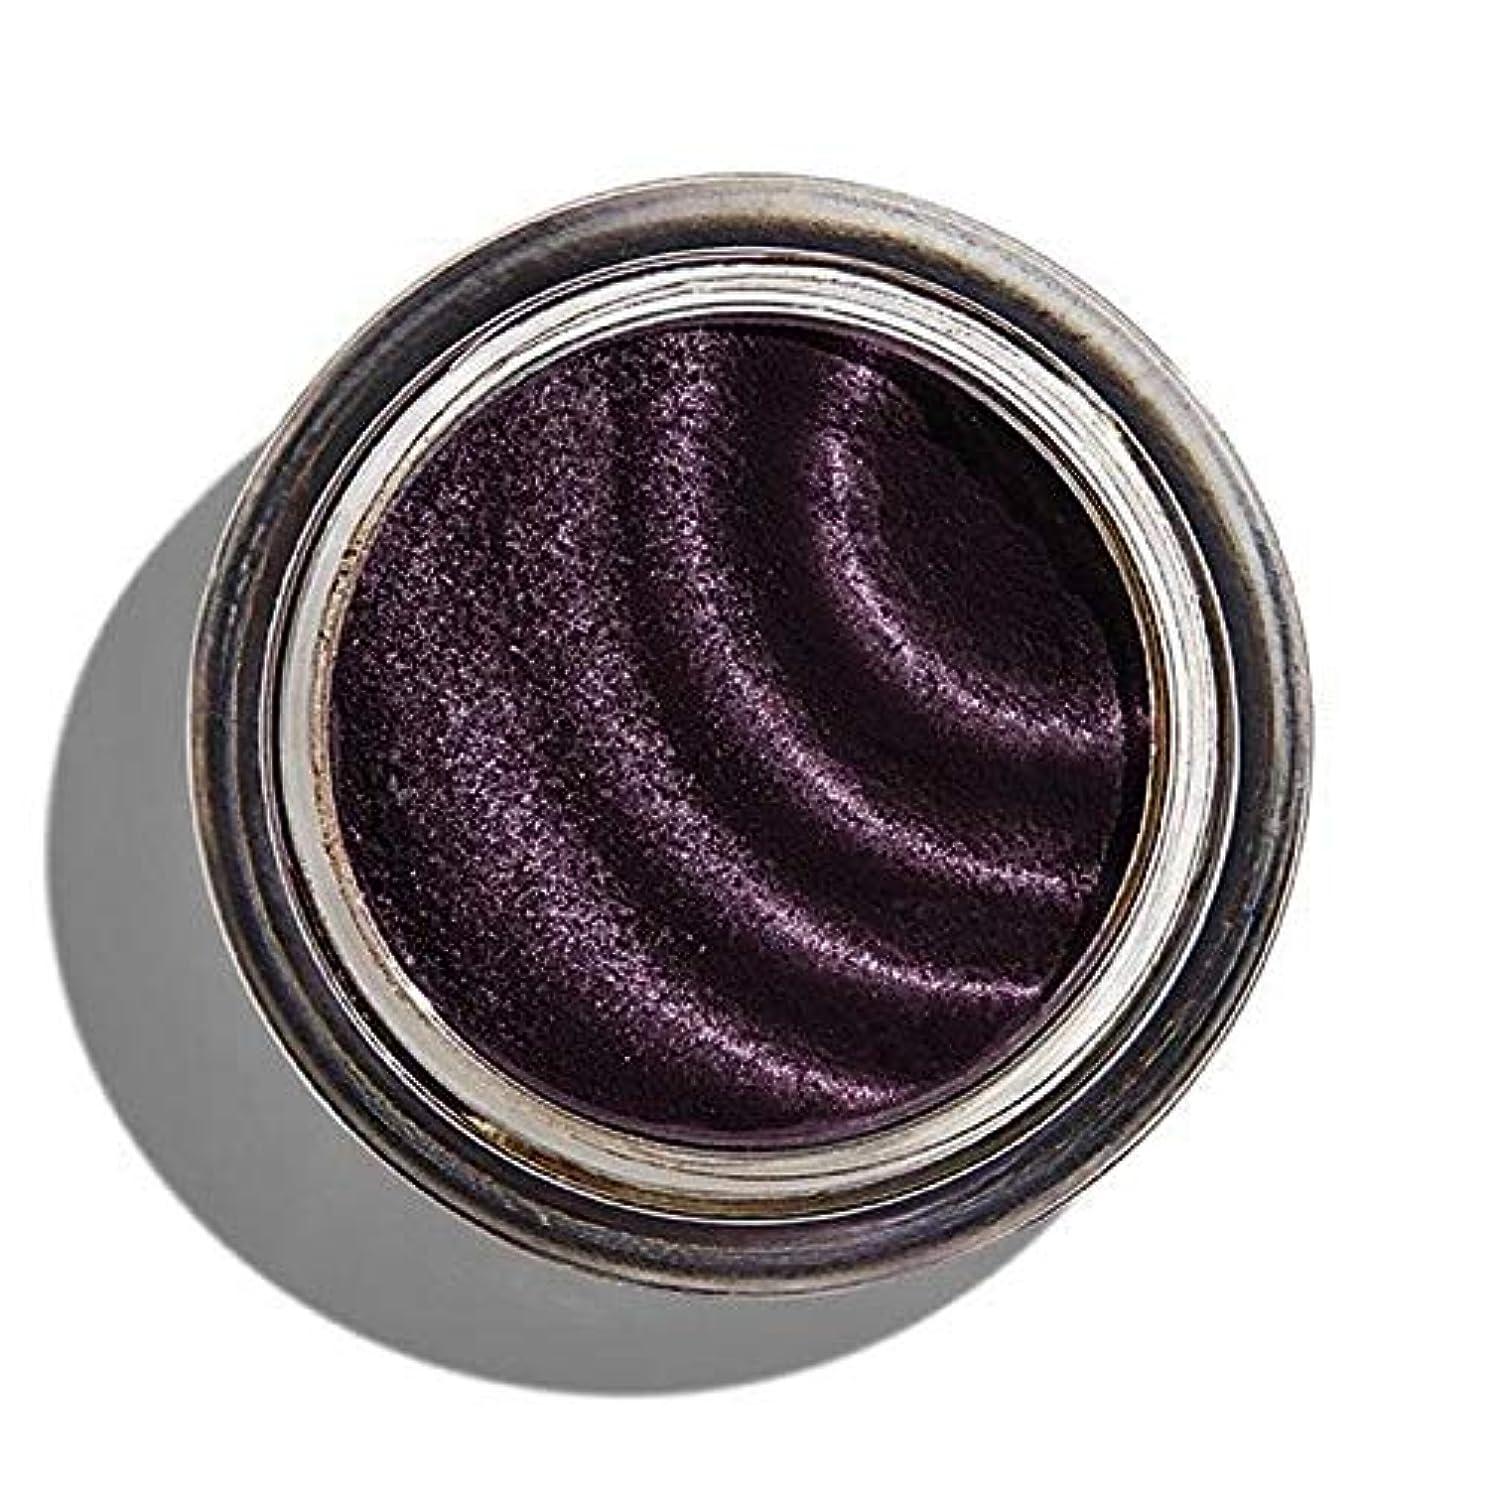 船酔いサイバースペース不利[Revolution ] 化粧革命磁化のアイシャドウブラウン - Makeup Revolution Magnetize Eyeshadow Brown [並行輸入品]